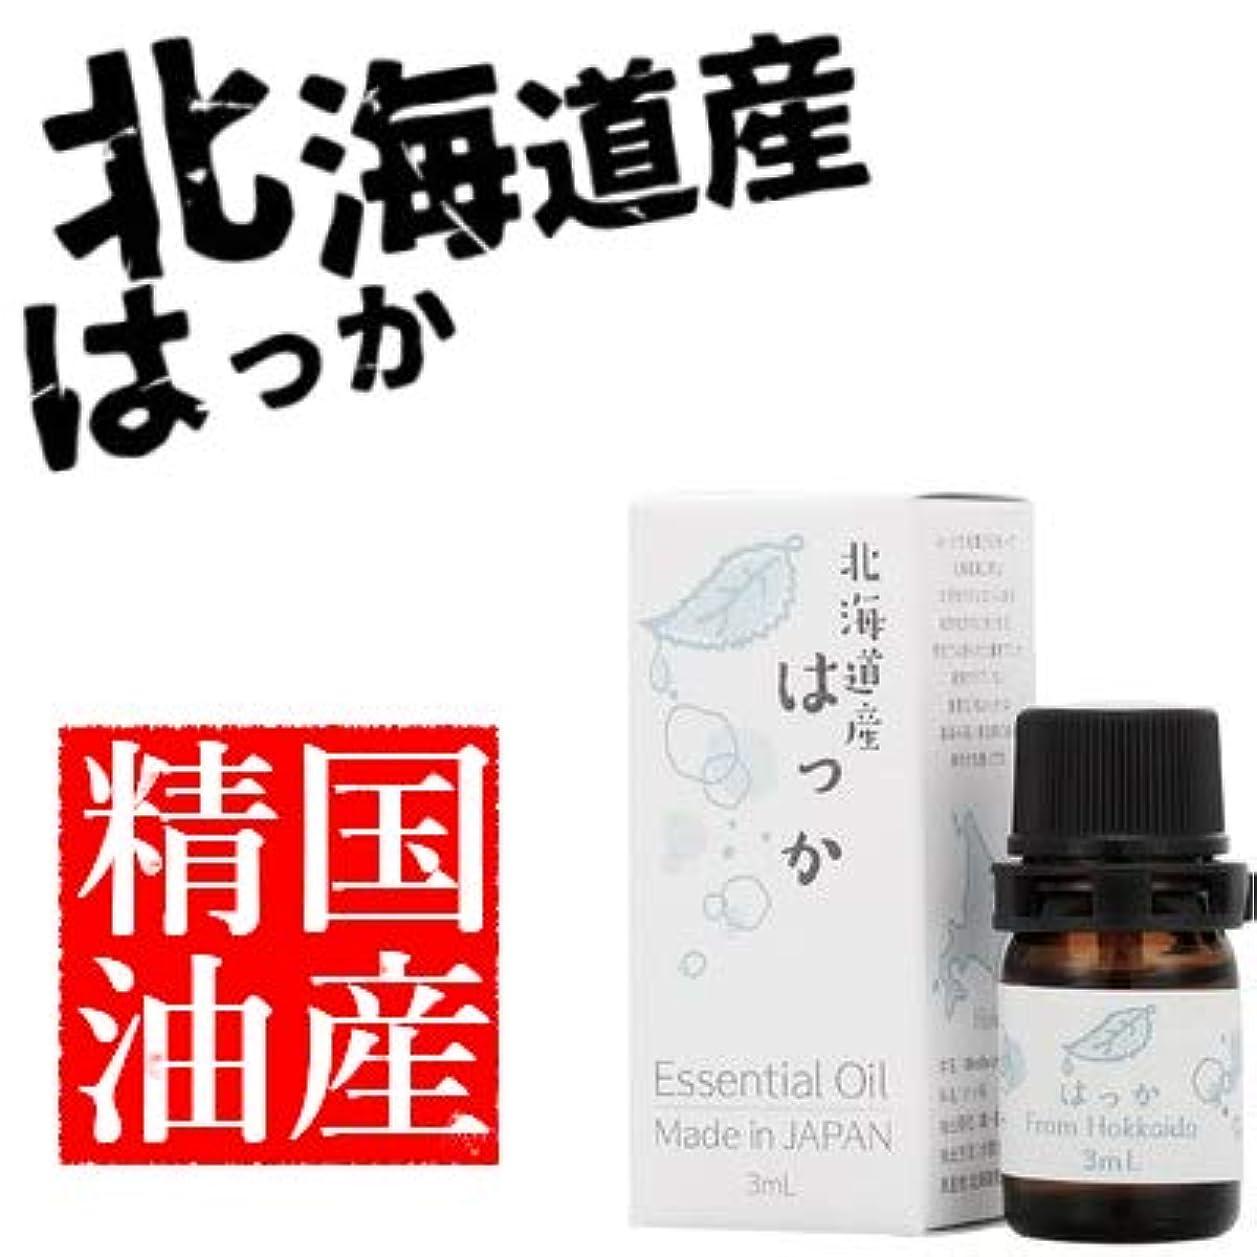 ピース郵便しわ日本の香りシリーズ エッセンシャルオイル 国産精油 (はっか)